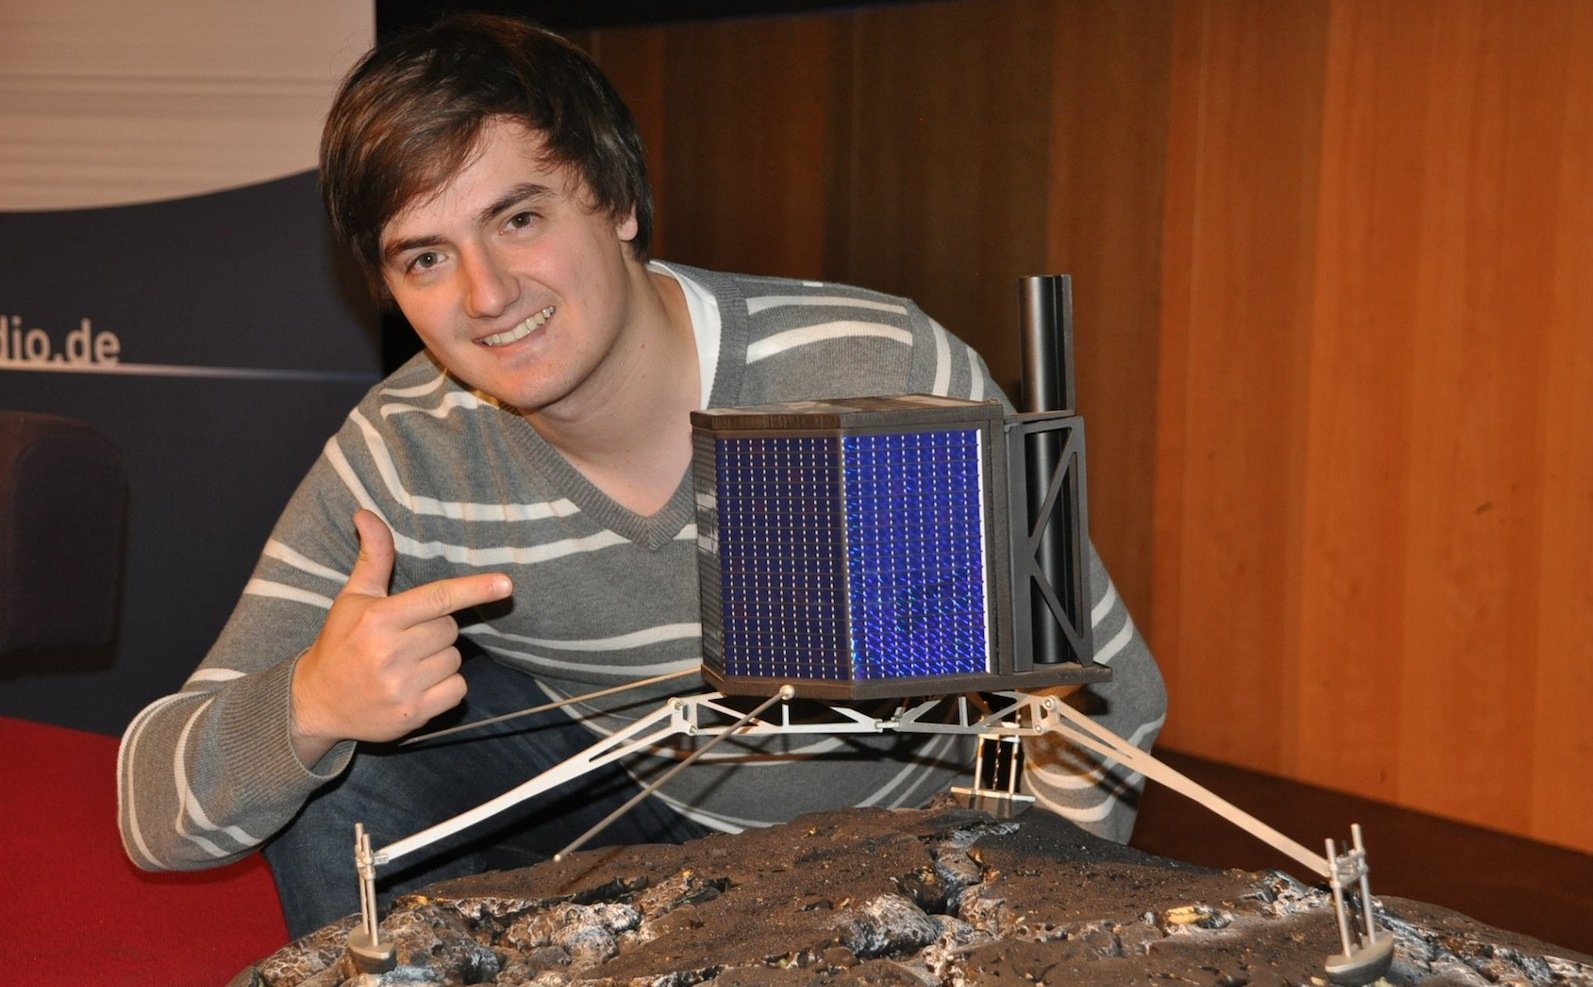 Mars-One-Kandidat Schröder mit einem Modell der Raumsonde Philae. Sieist der erste von Menschen gebaute Apparat, der auf einem Kometen weich landete.